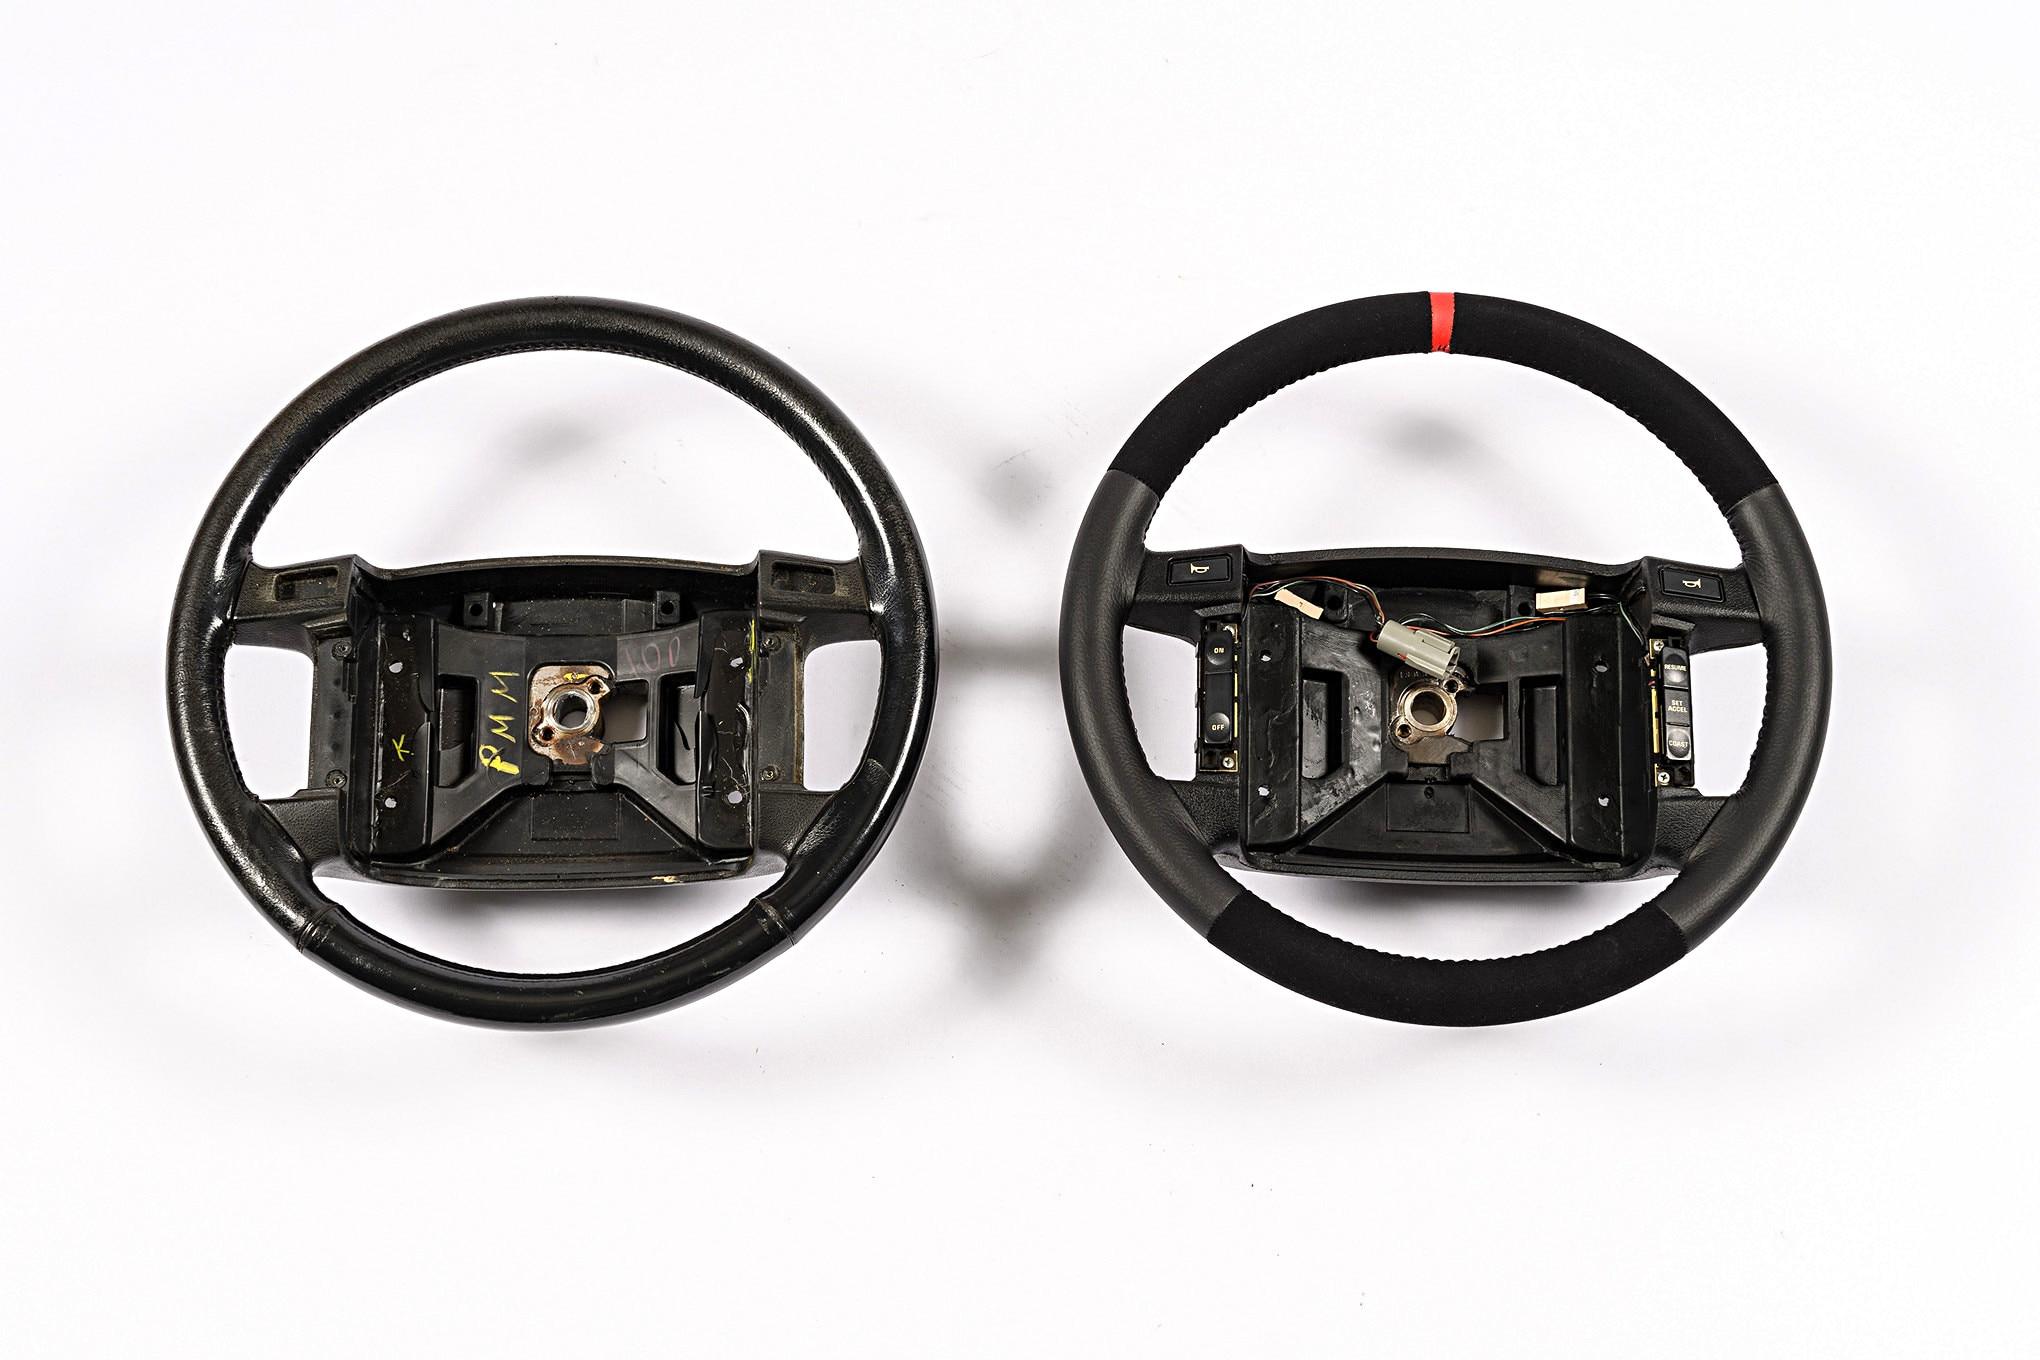 021 Mustang Steering Wheel Vs Fr350